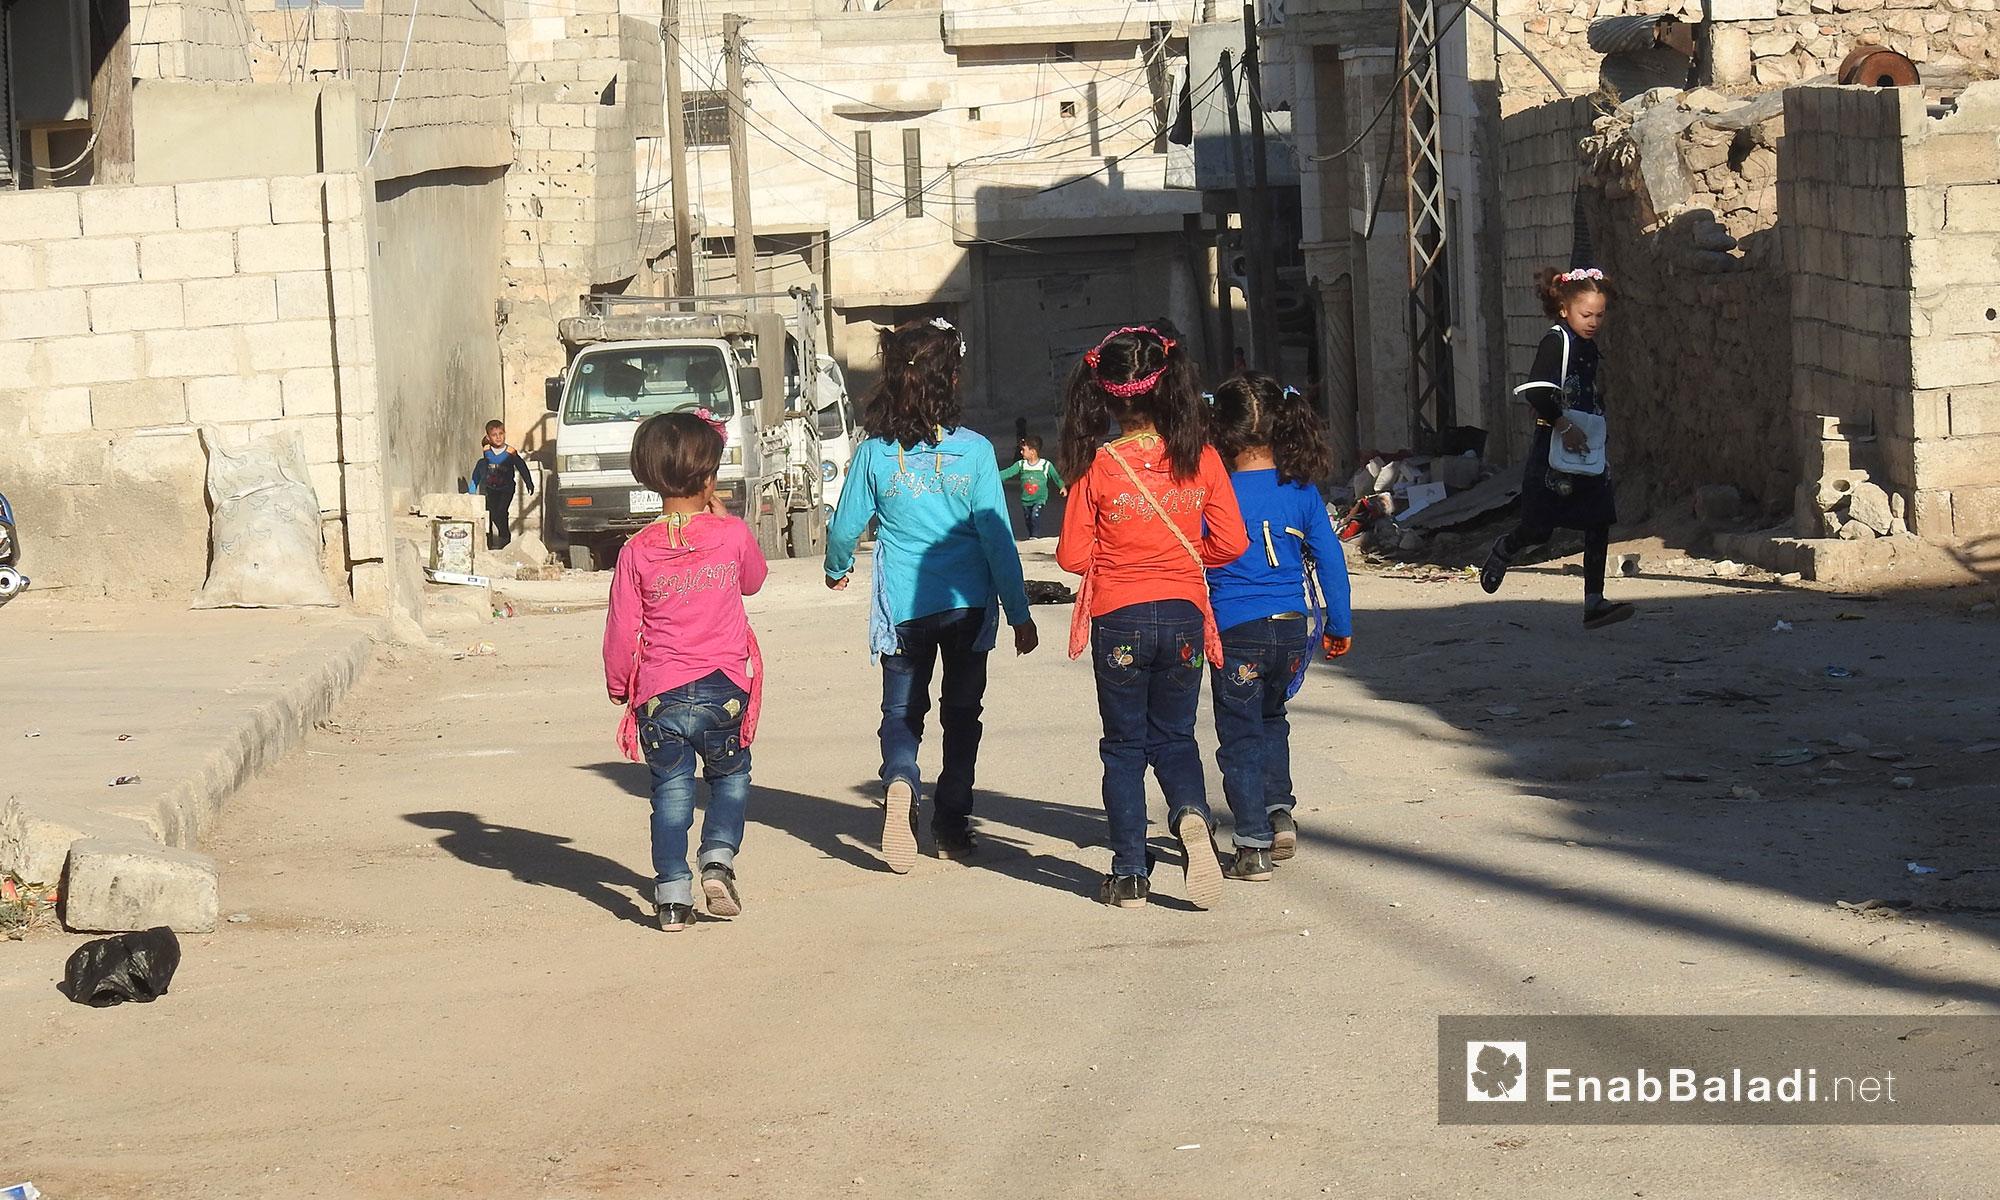 أطفال من مدينة دابق شمال حلب يتوجهون لميدان العيد أول أيام عيد الفطر - 25 حزيران 2017 (عنب بلدي)